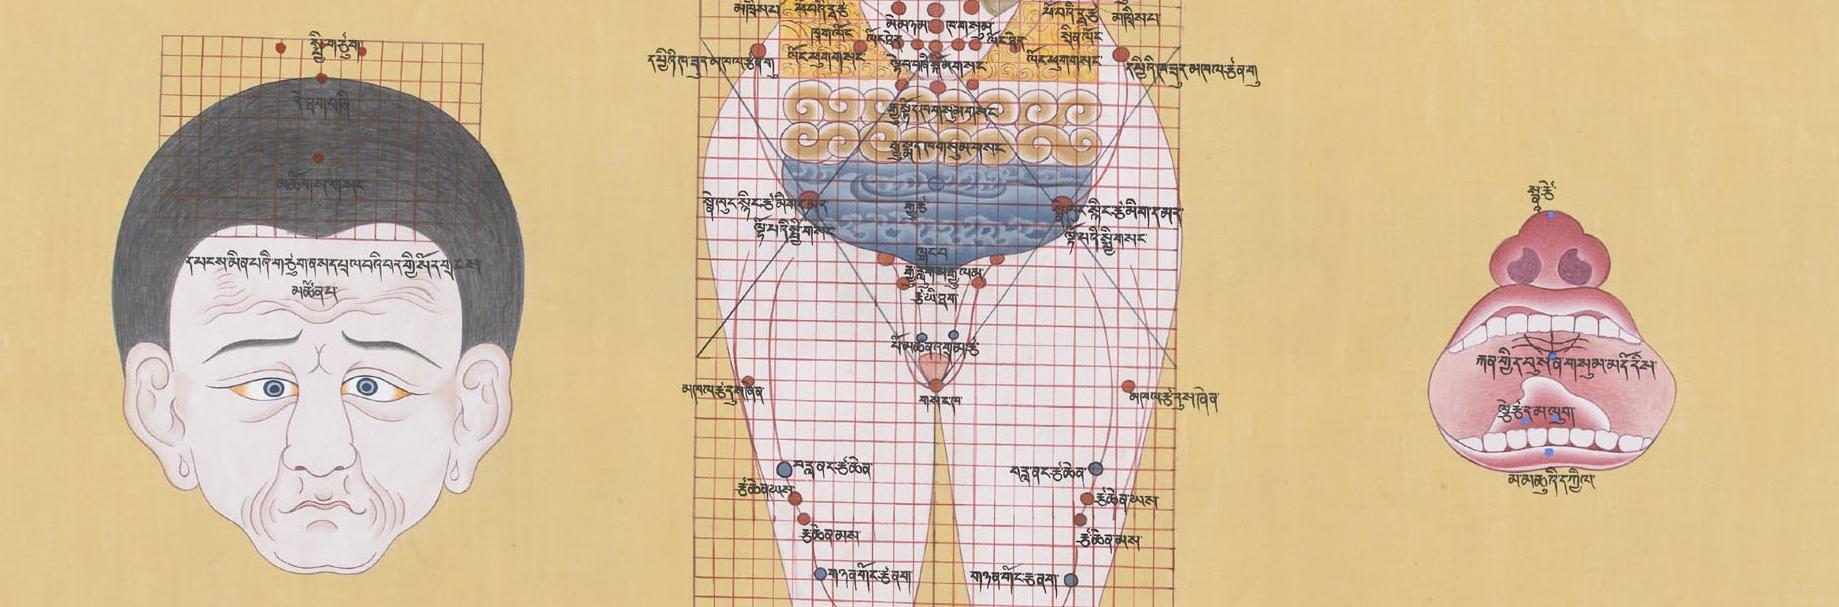 Blue Beryl - Tibetan science